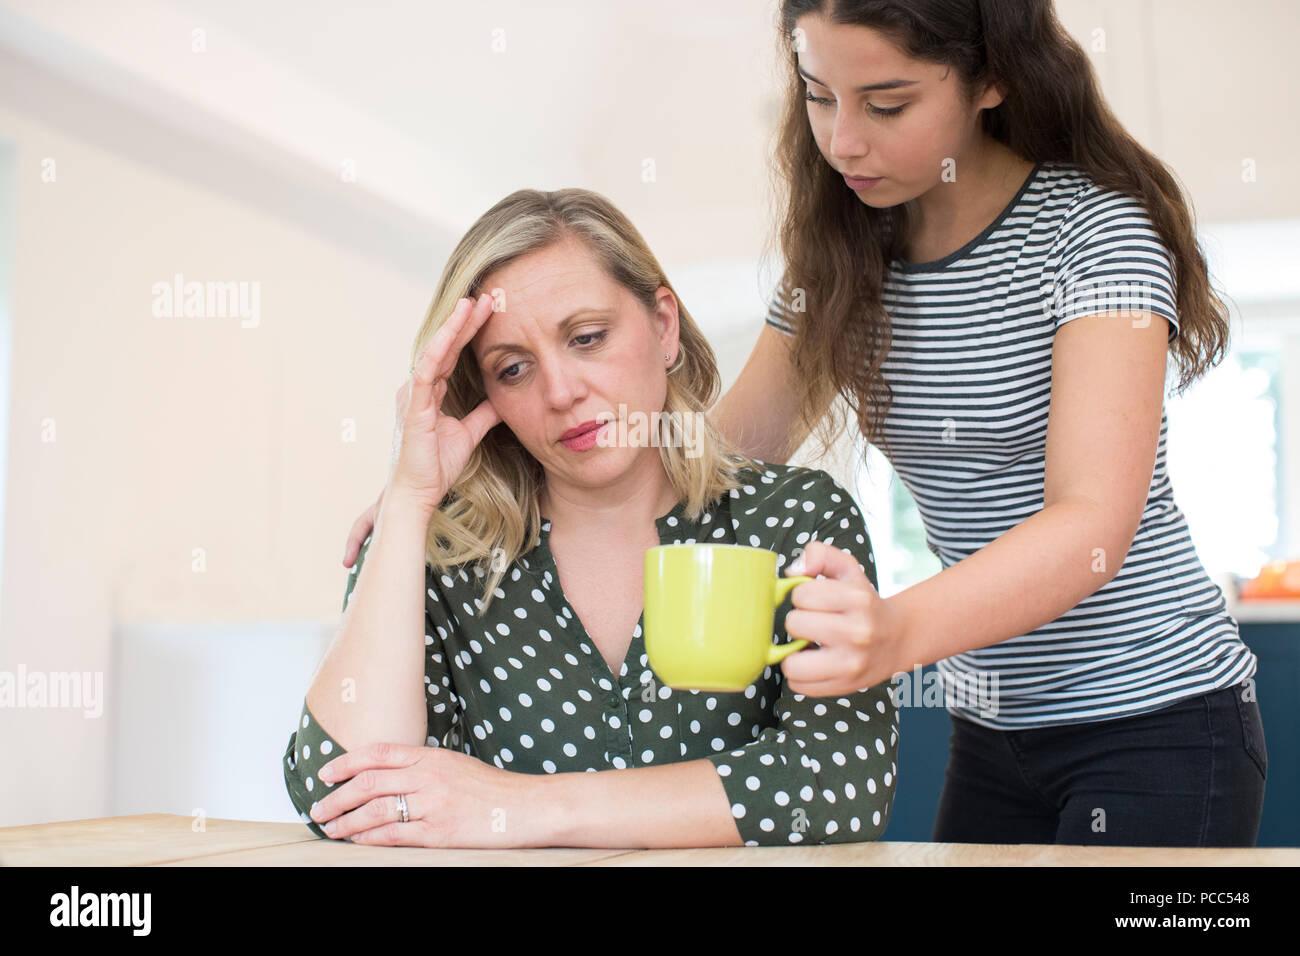 Hija adolescente que beber para los padres que sufren con problemas de salud mental Imagen De Stock